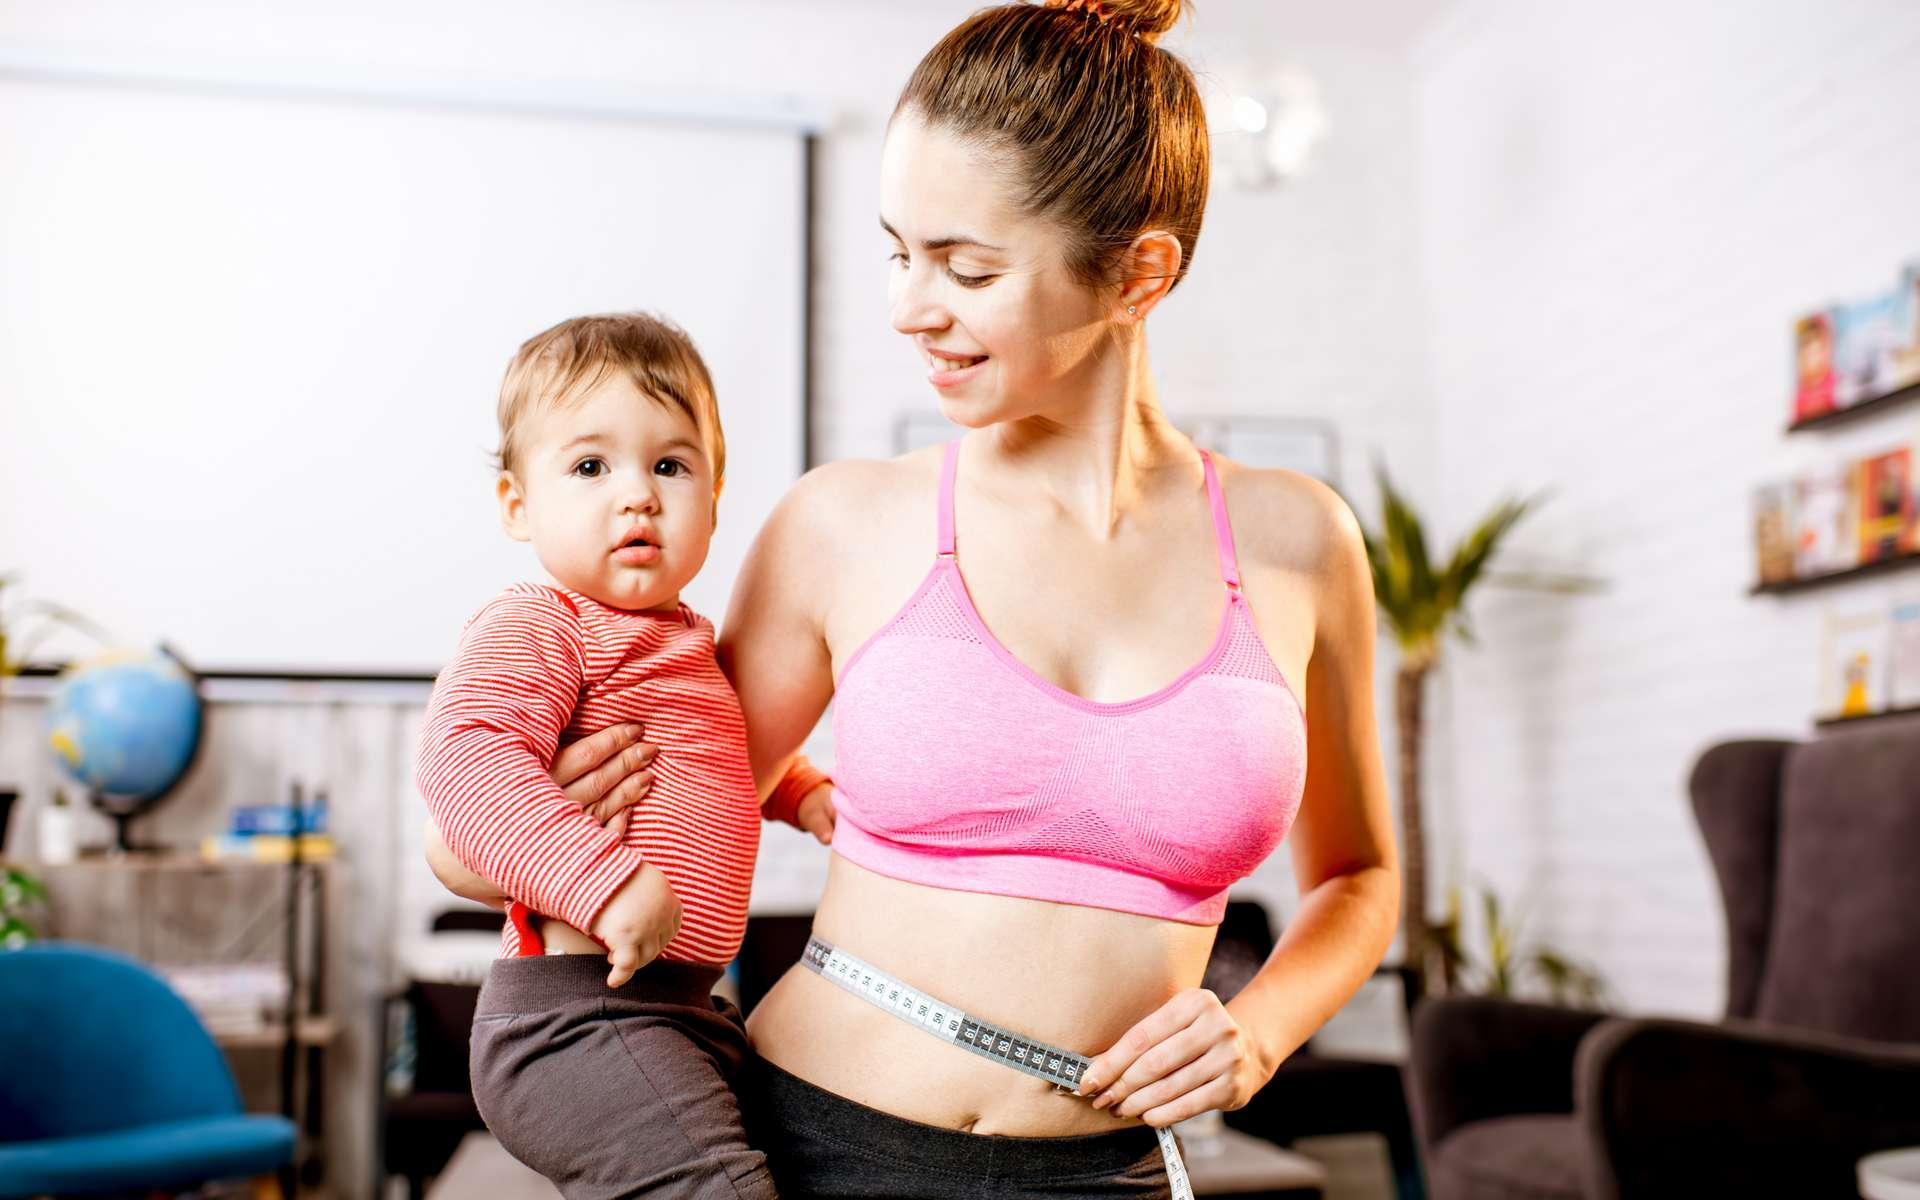 Une santé mentale bancale peut engendrer une pression des parents sur les enfants pour les pousser à manger ou à l'inverse un contrôle excessif de leur environnement alimentaire. © rh2010, Adobe Stock